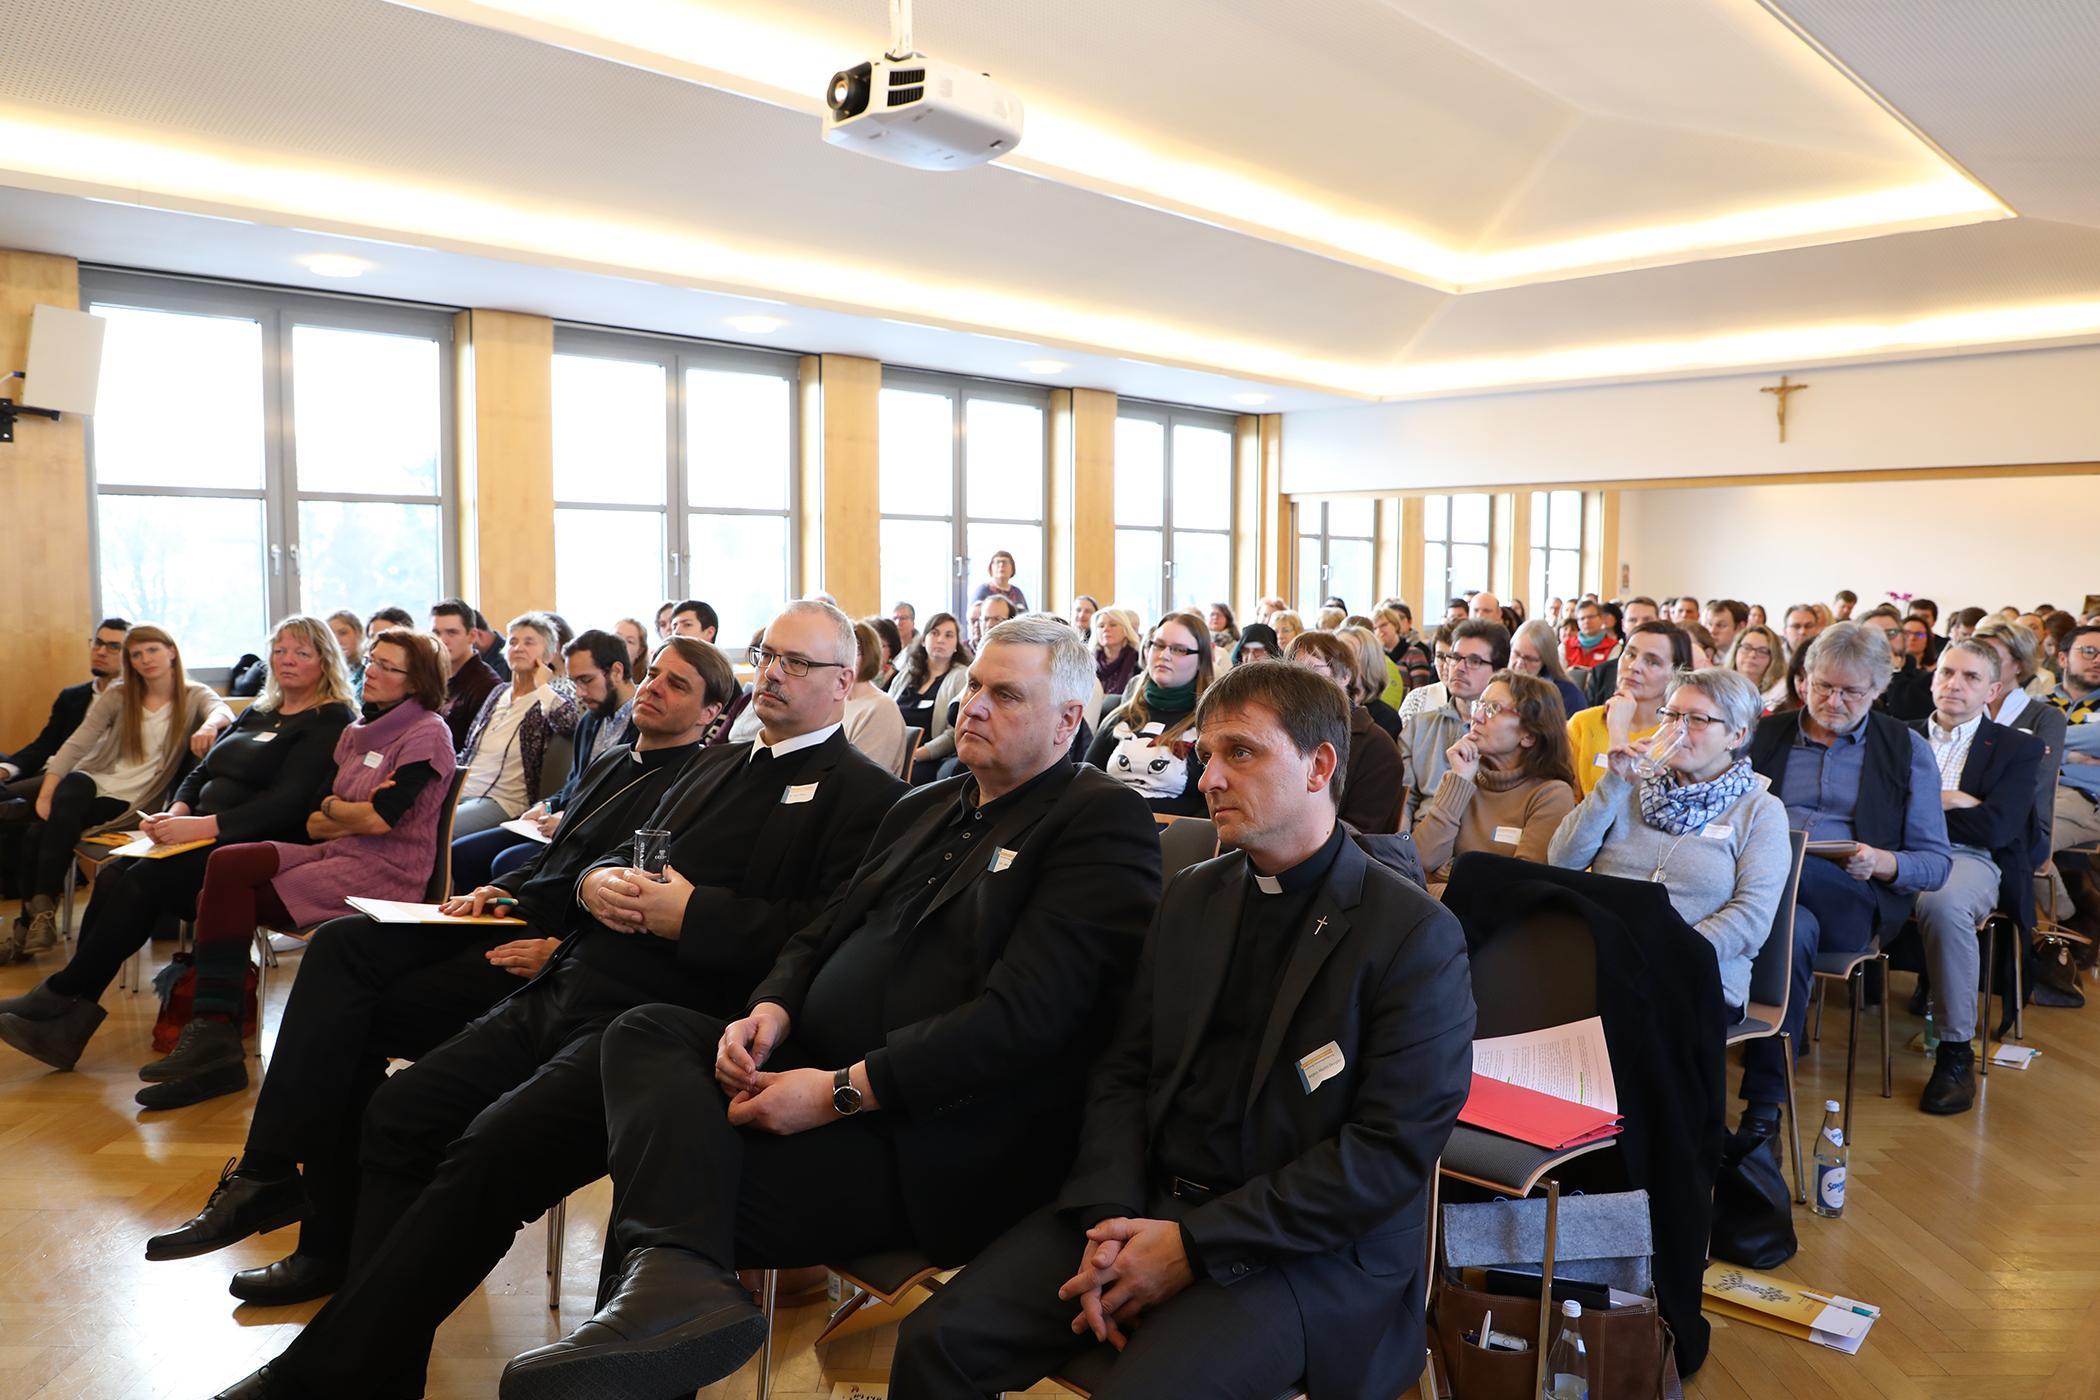 2019 02 News Studientag Neuevangelisierung Foto4